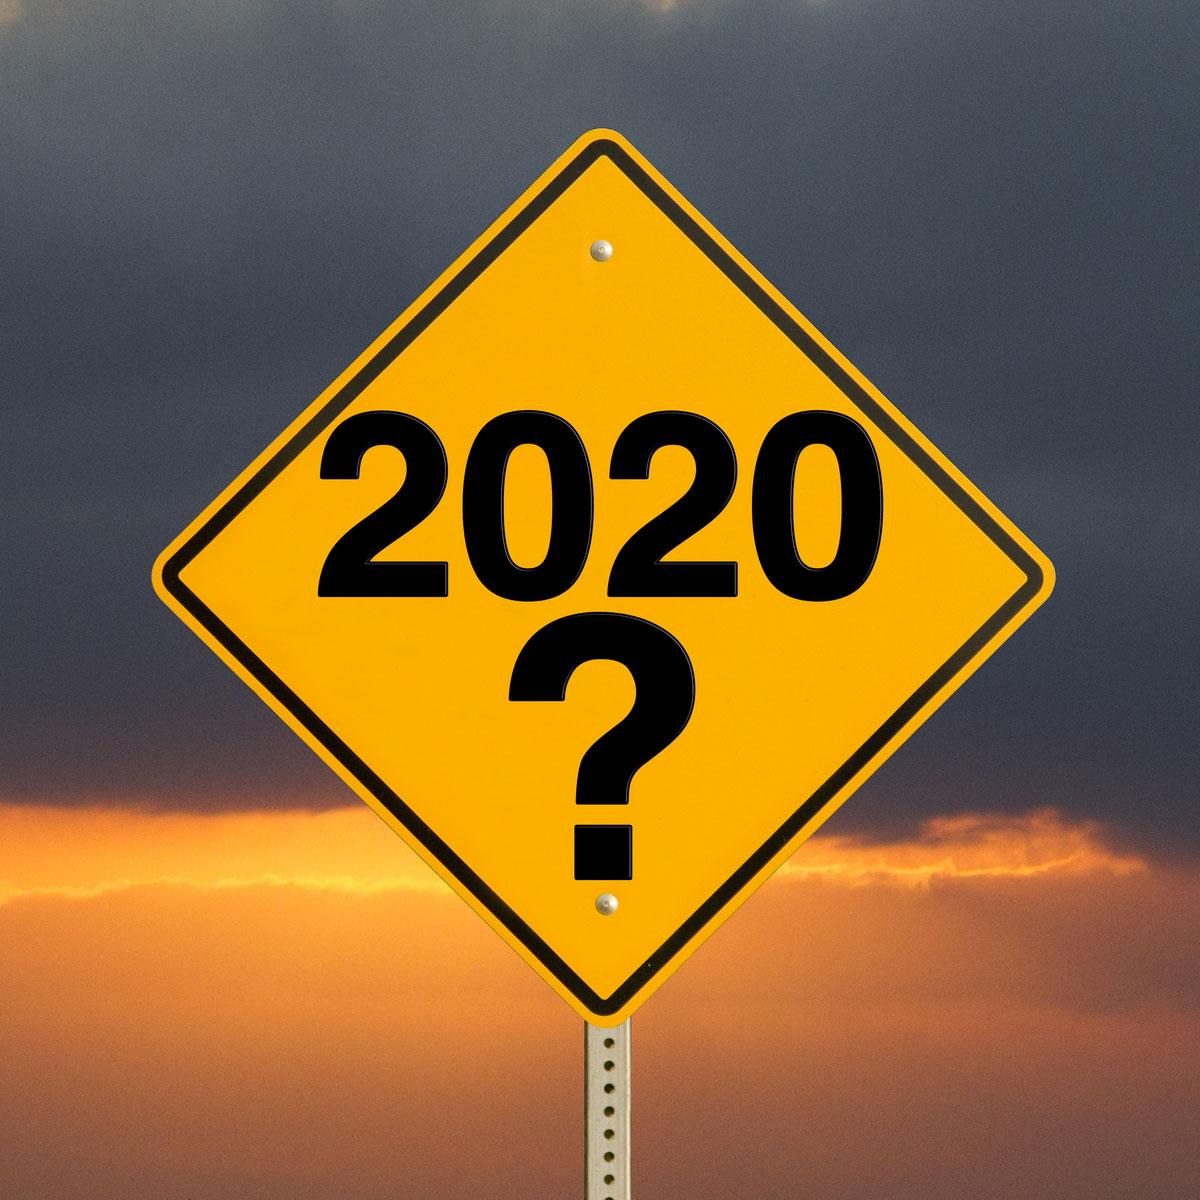 Azionario: cosa aspettarsi nella seconda metà del 2020?